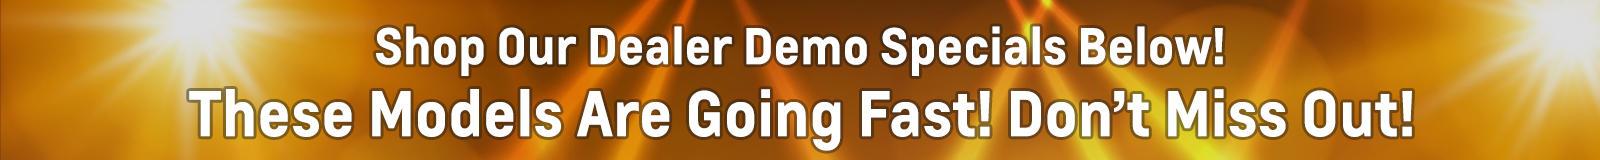 demo specials SR